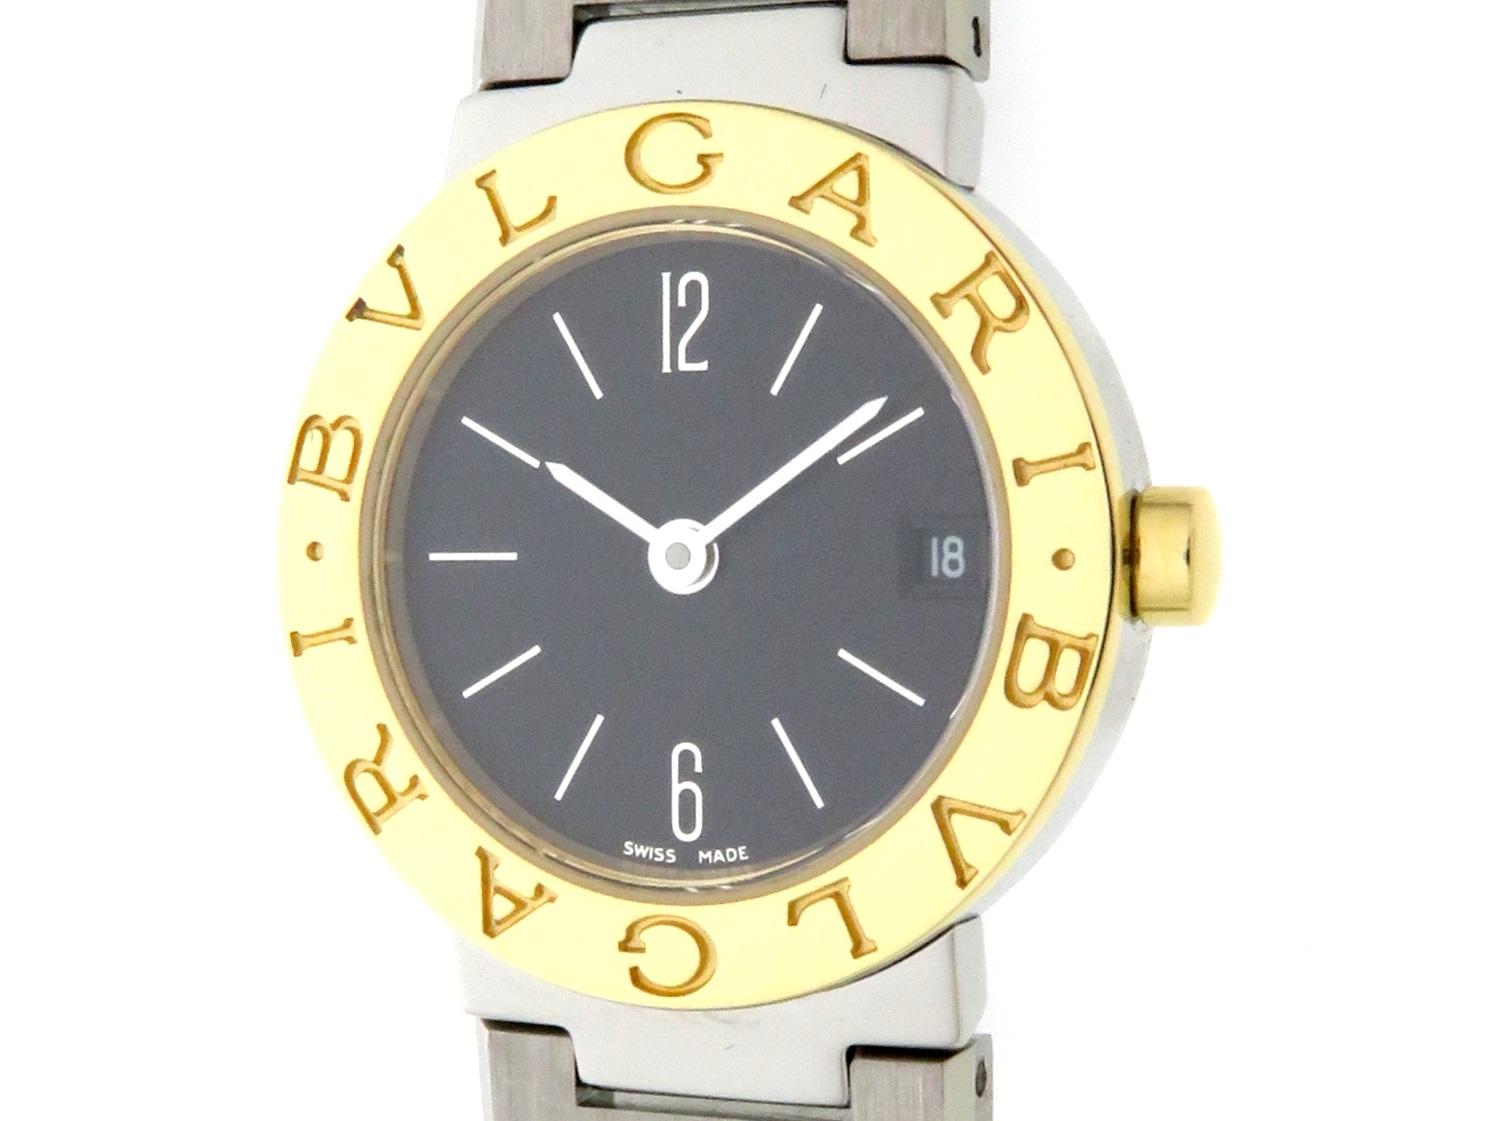 BVLGARI  ブルガリ 時計 ブルガリ ブルガリ BB23SG  クオーツ  黒文字盤 YG/SS 女性用時計【431】